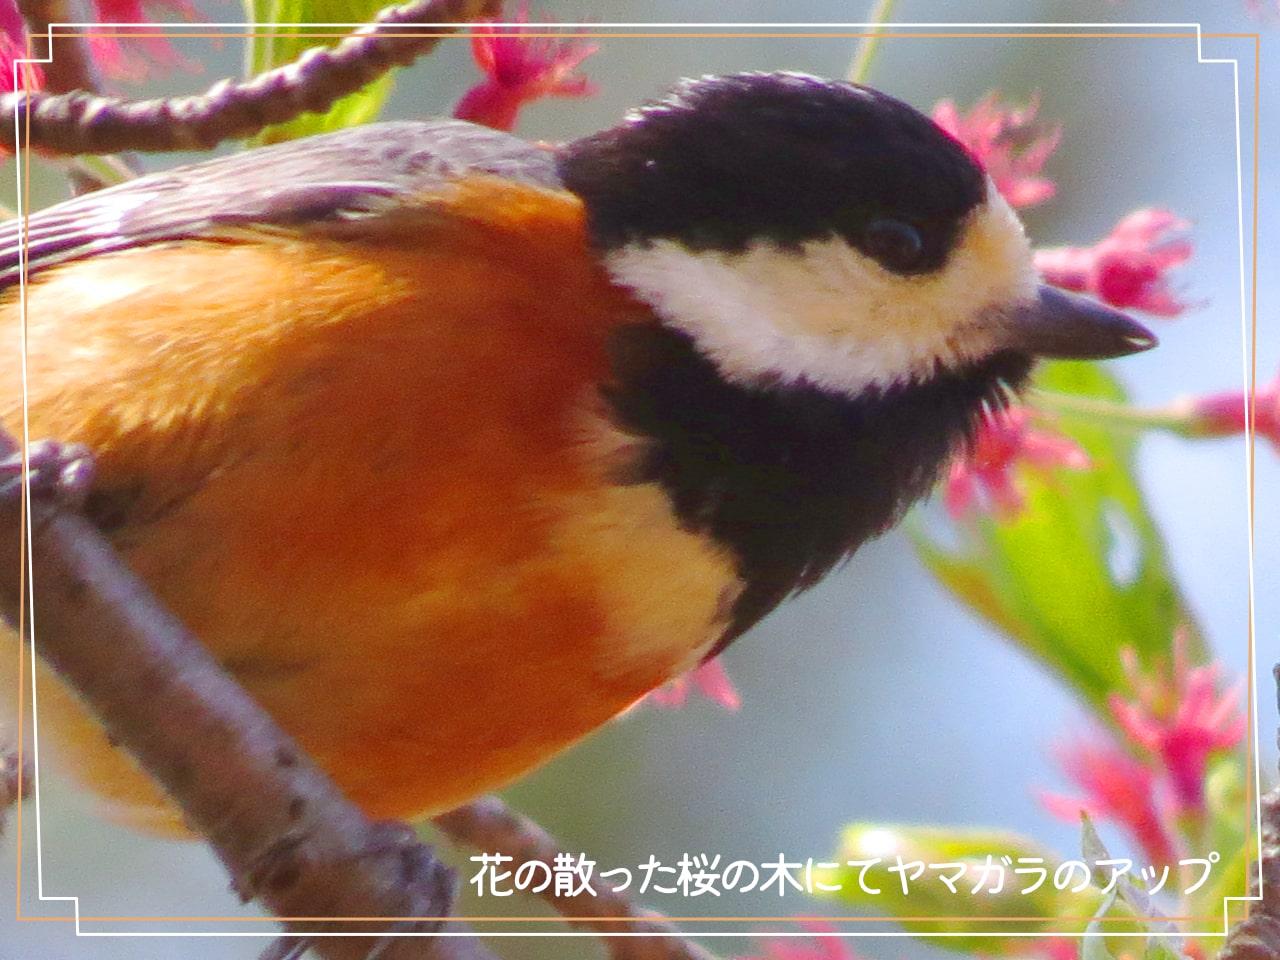 ヤマガラの顔のアップの写真